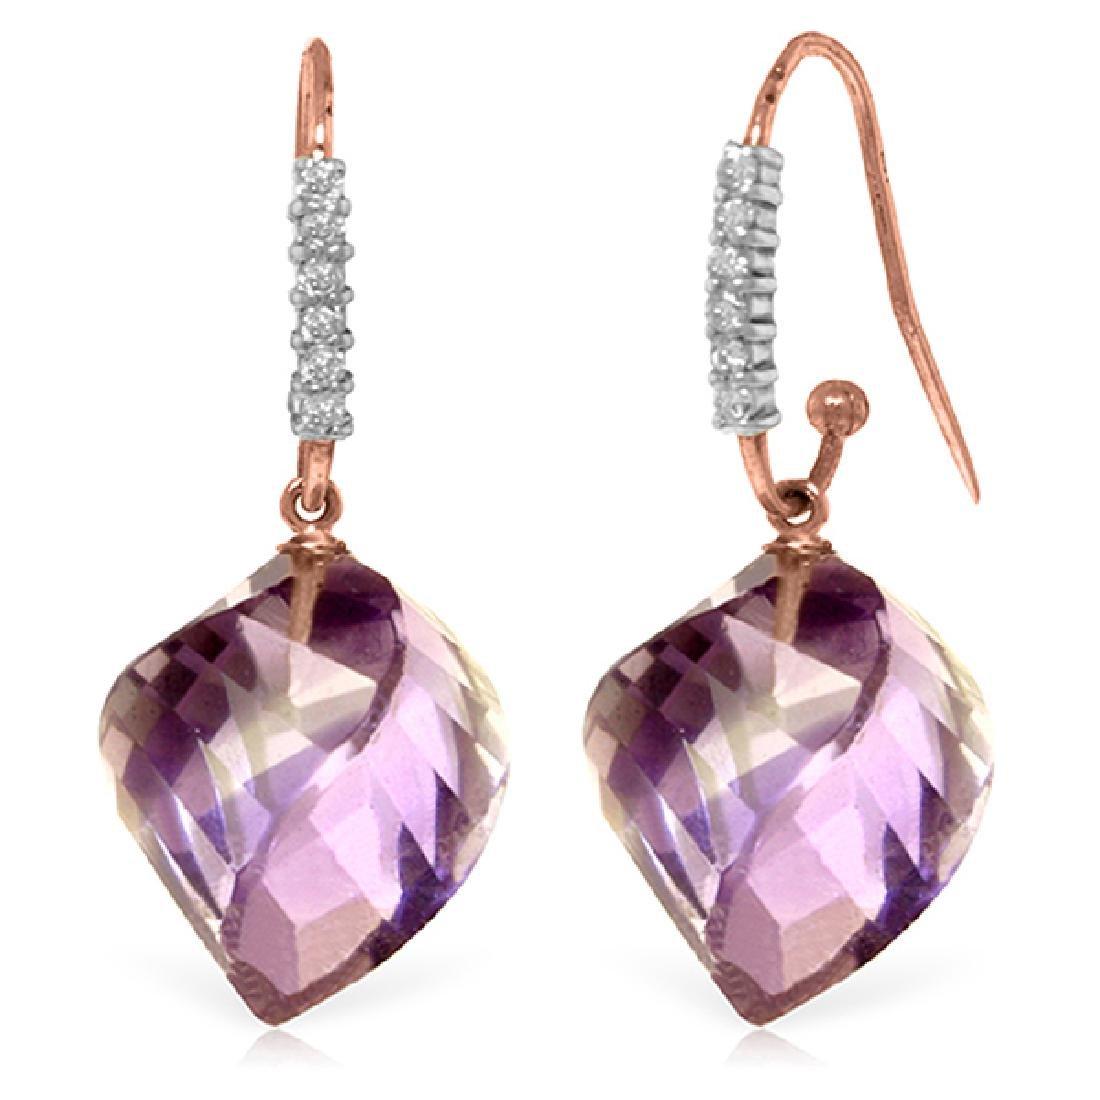 Genuine 21.68 ctw Amethyst & Diamond Earrings Jewelry